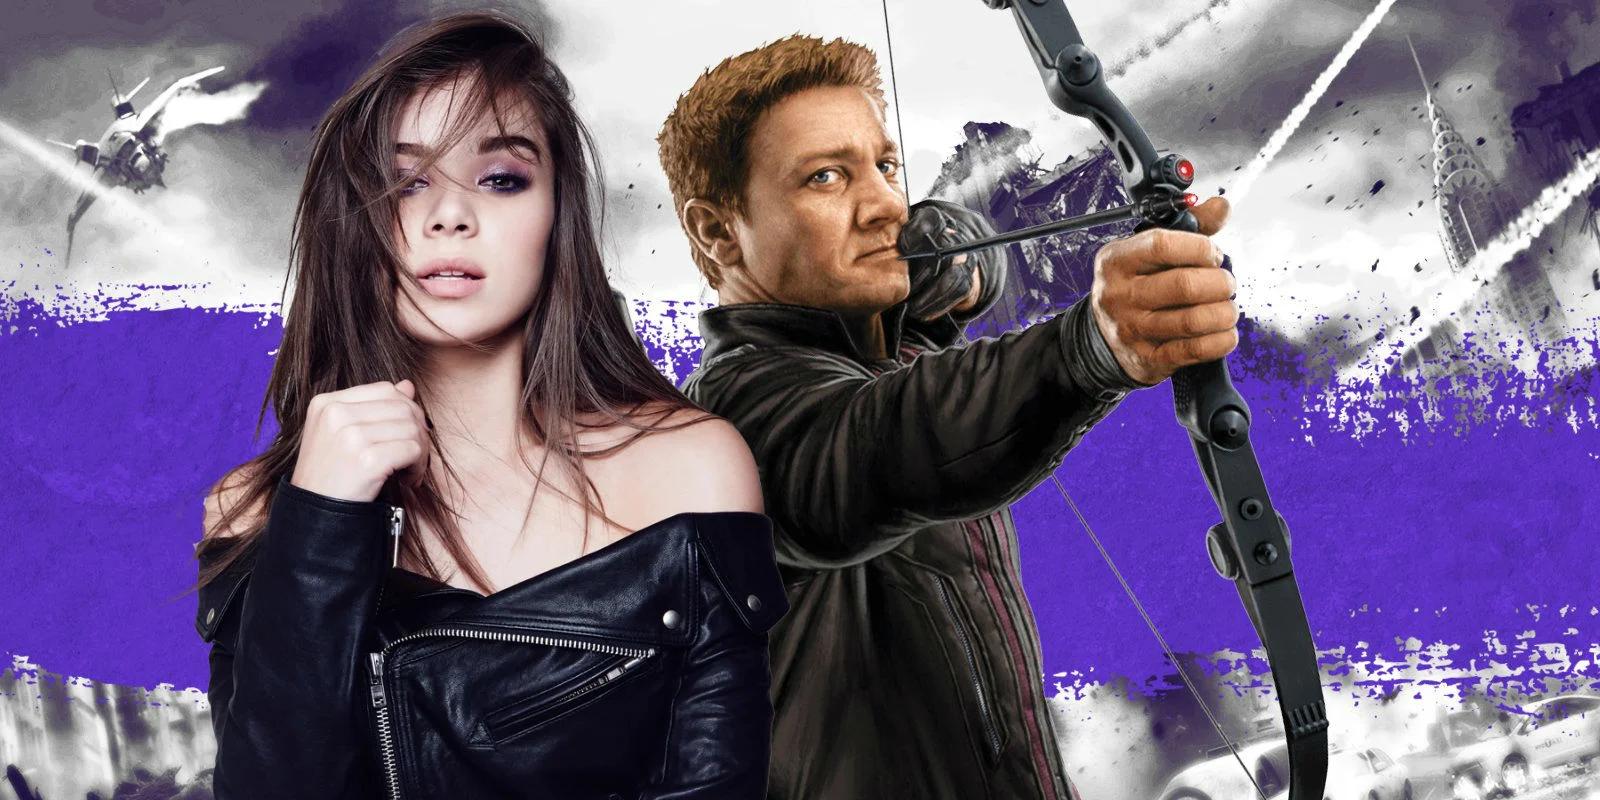 La serie Hawkeye de Disney+ ofrece a Hailee Steinfeld rol como Kate Bishop